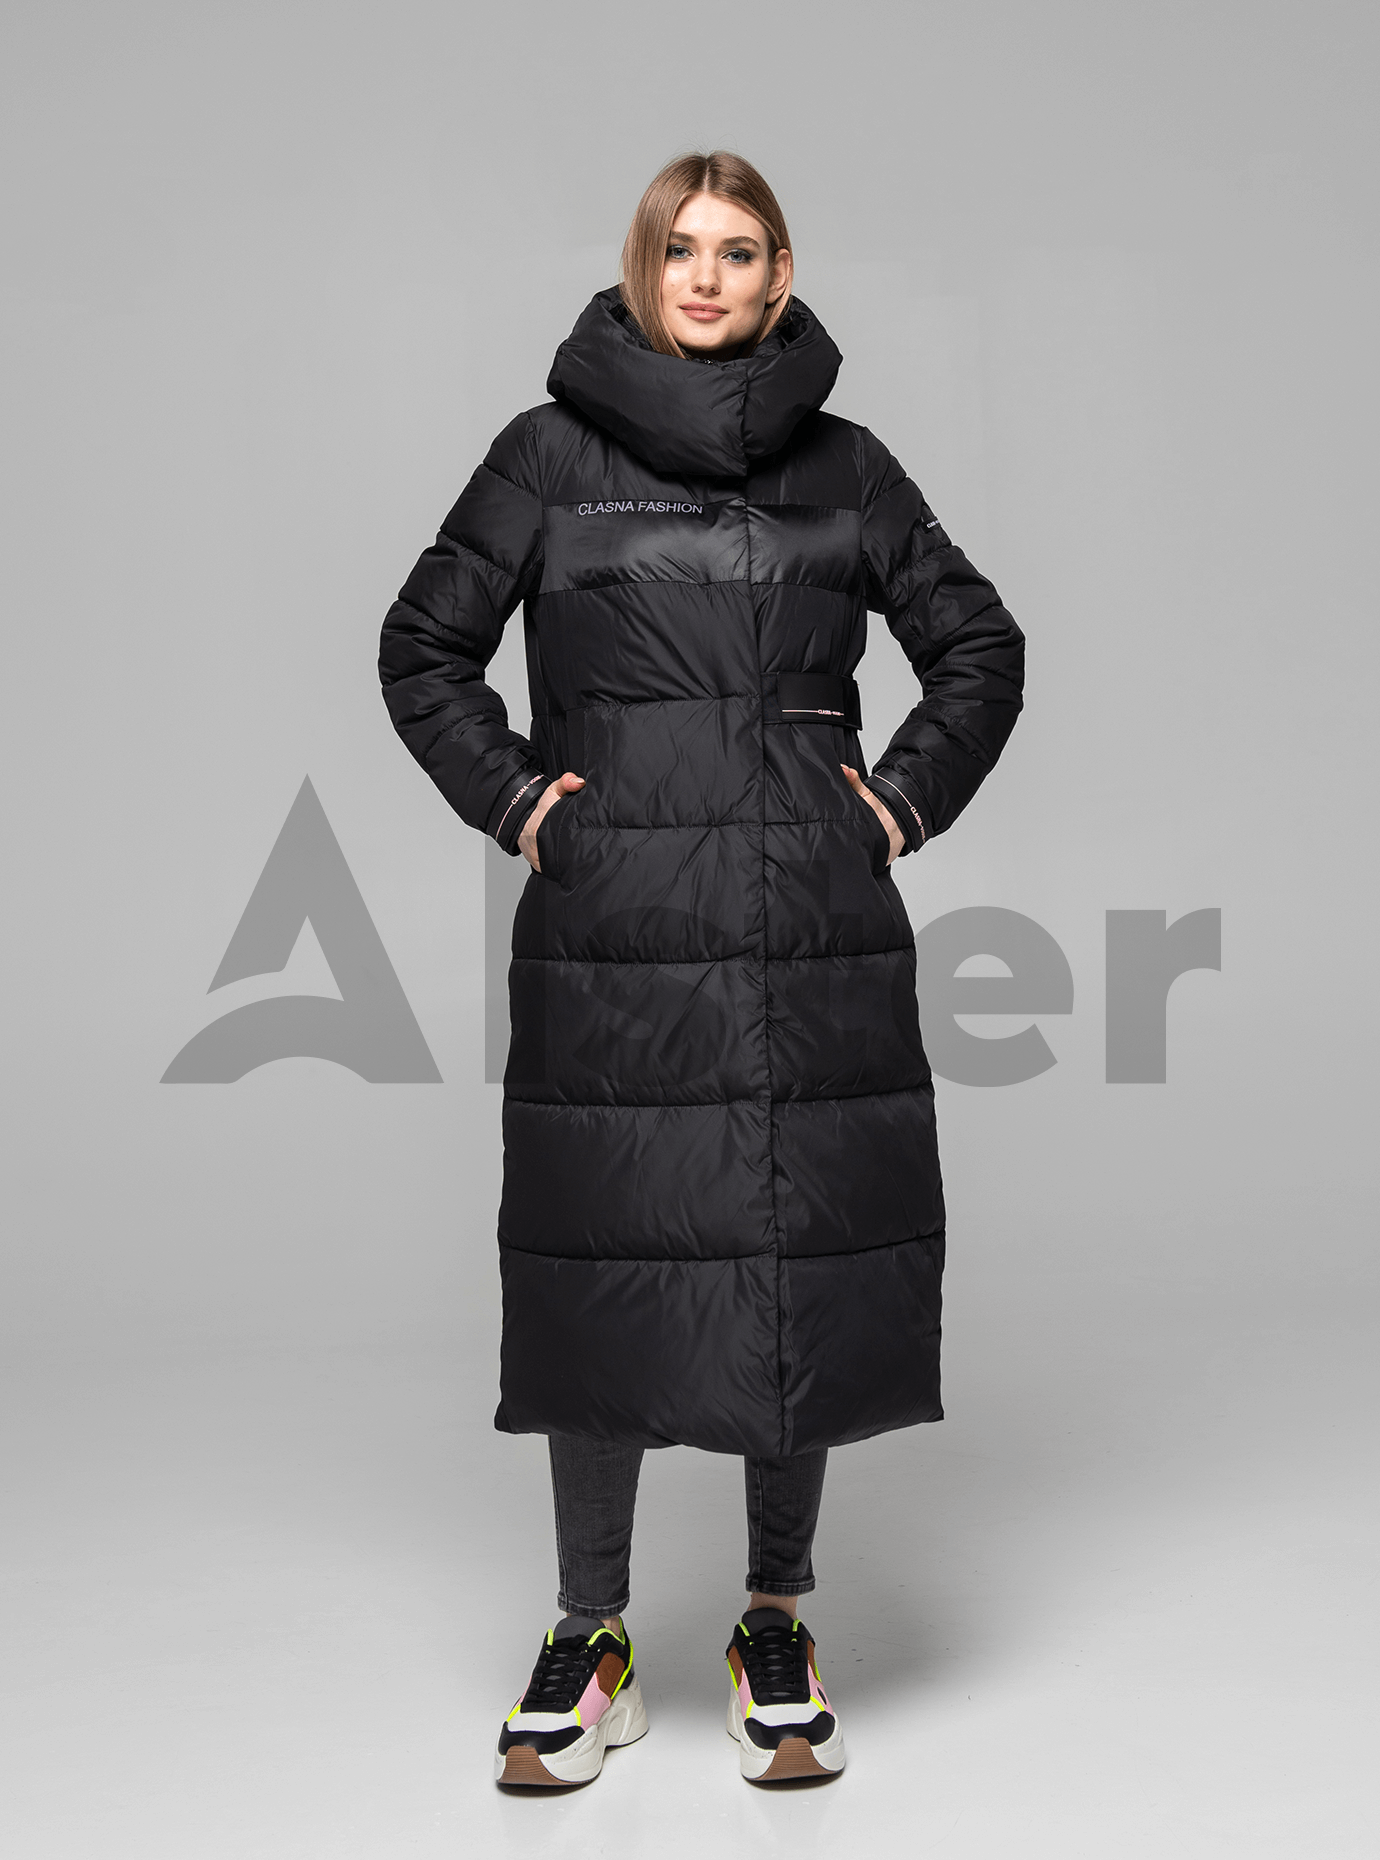 Пуховик женский длинный с капюшоном Чёрный XL (01-8989): фото - Alster.ua